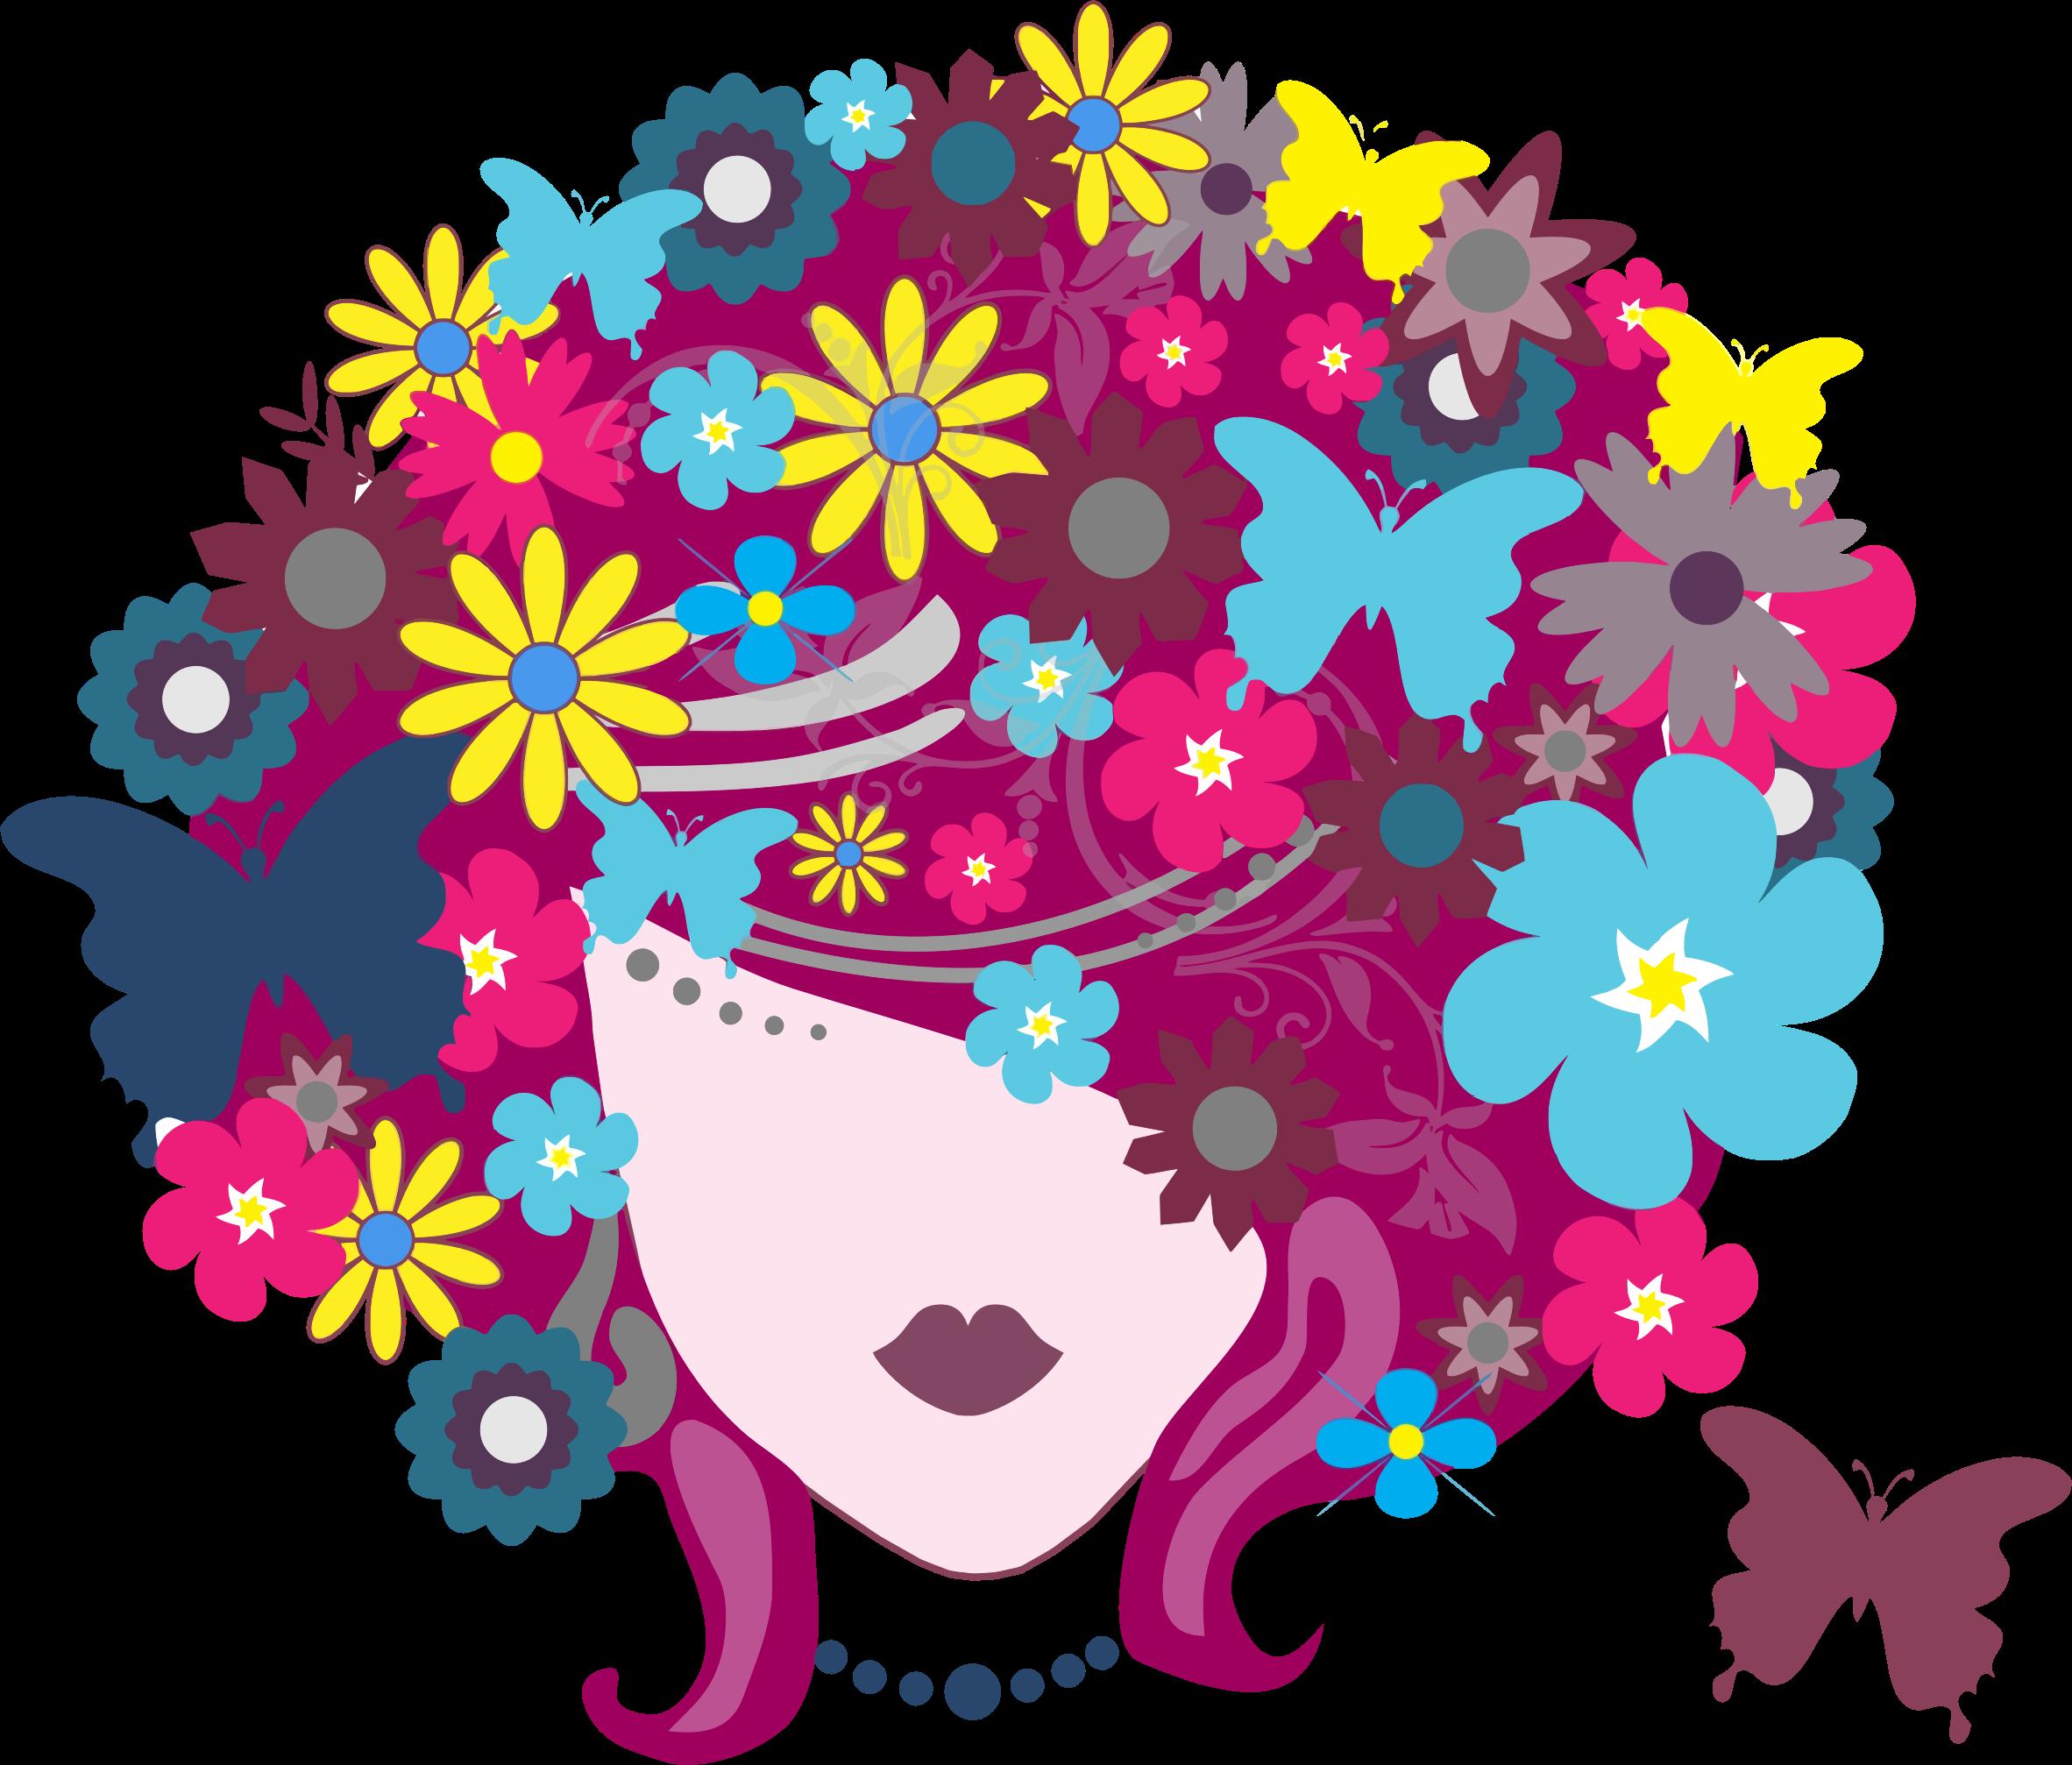 Hair clipart women's hair Floral Floral Hair Clipart Hair